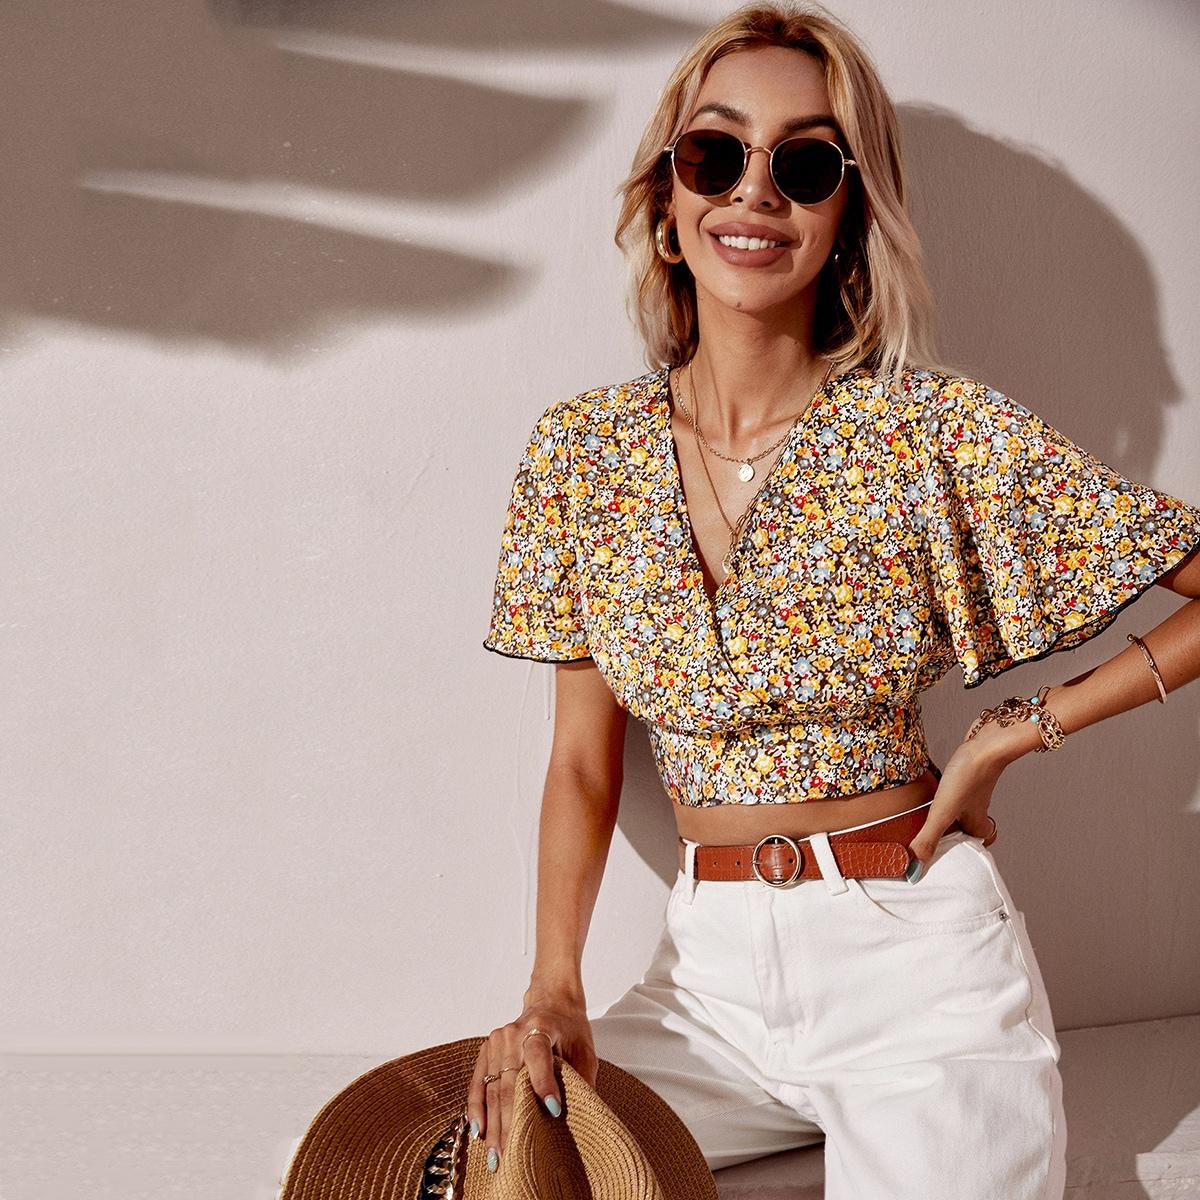 Короткая блуза с цветочным принтом с рукавами-бабочками узлом сзади SheIn swblouse23210520241